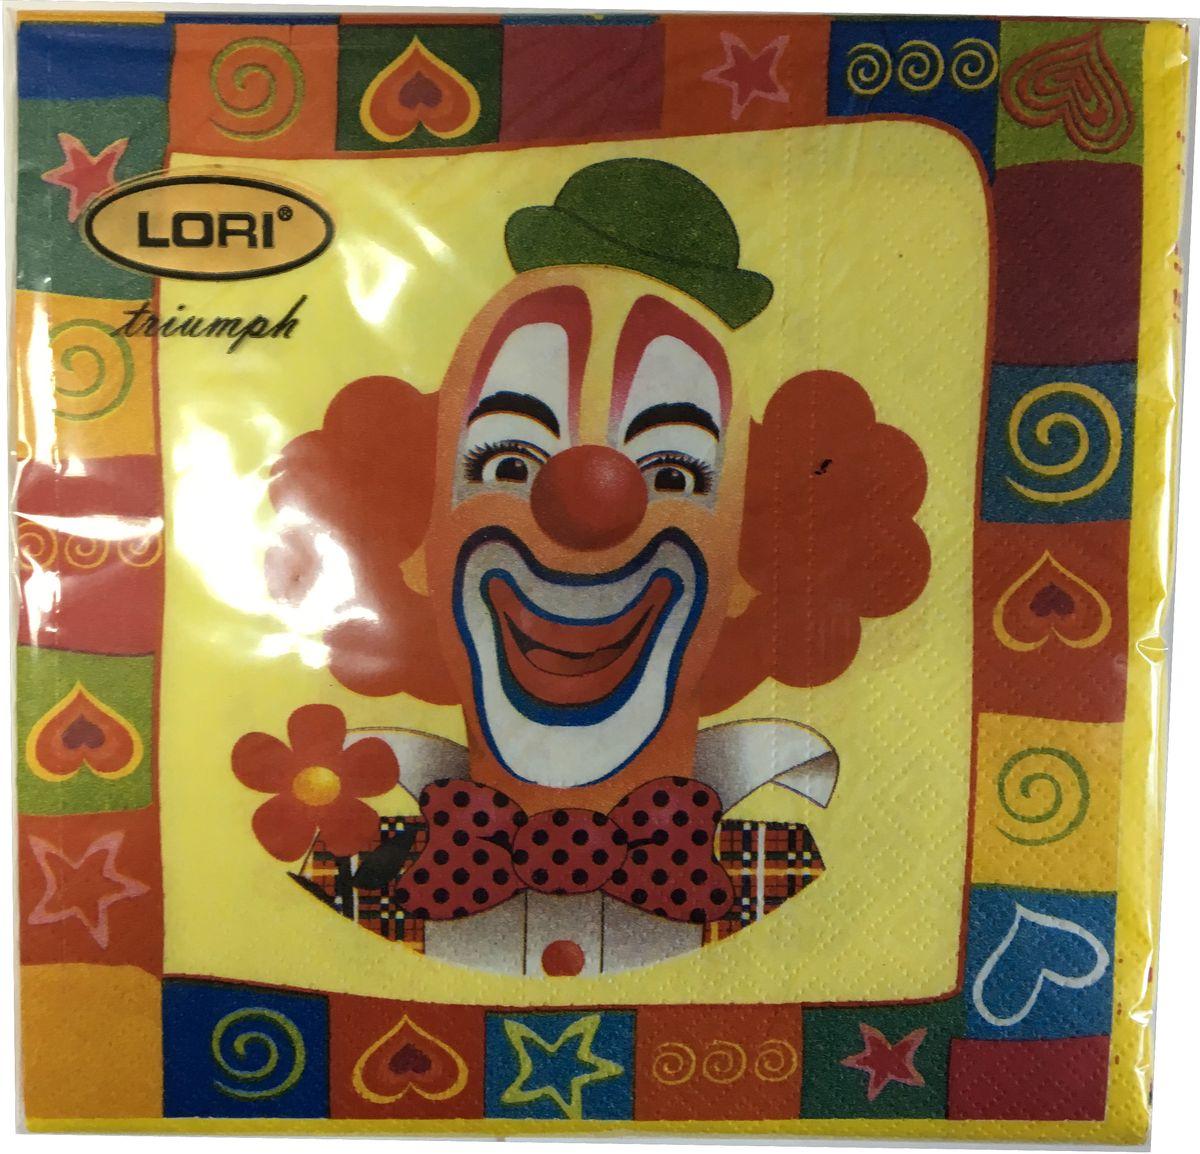 Салфетки бумажные Lori Triumph, трехслойные, цвет: мультиколор, 33 х 33 см, 20 шт. 56194787502Декоративные трехслойные салфетки Lori Triumph выполнены из 100% целлюлозы и оформлены ярким рисунком. Изделия станут отличным дополнением любого праздничного стола. Они отличаются необычной мягкостью, прочностью и оригинальностью.Размер салфеток в развернутом виде: 33 х 33 см.